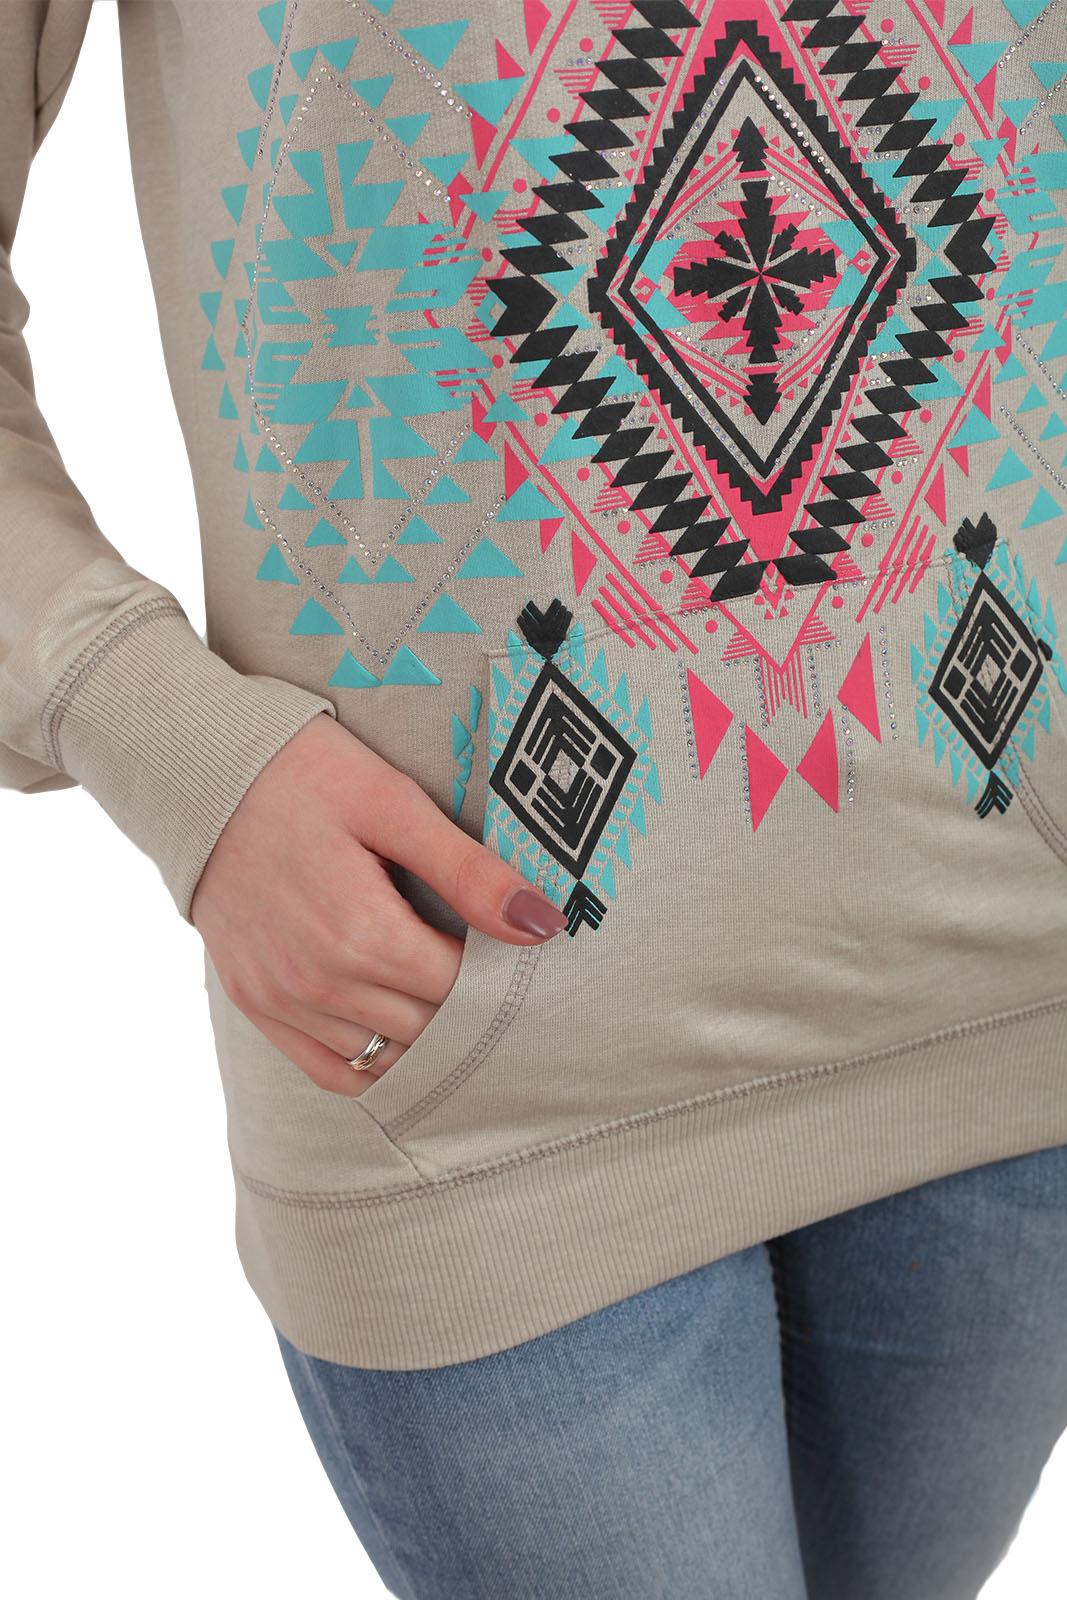 Женский свитер Rock and Roll Cowgirl. Карман, модный цвет «ню» и актуальный в этом сезоне ЭТНО орнамент. Носи как оверсайз или заказывай свой размер!